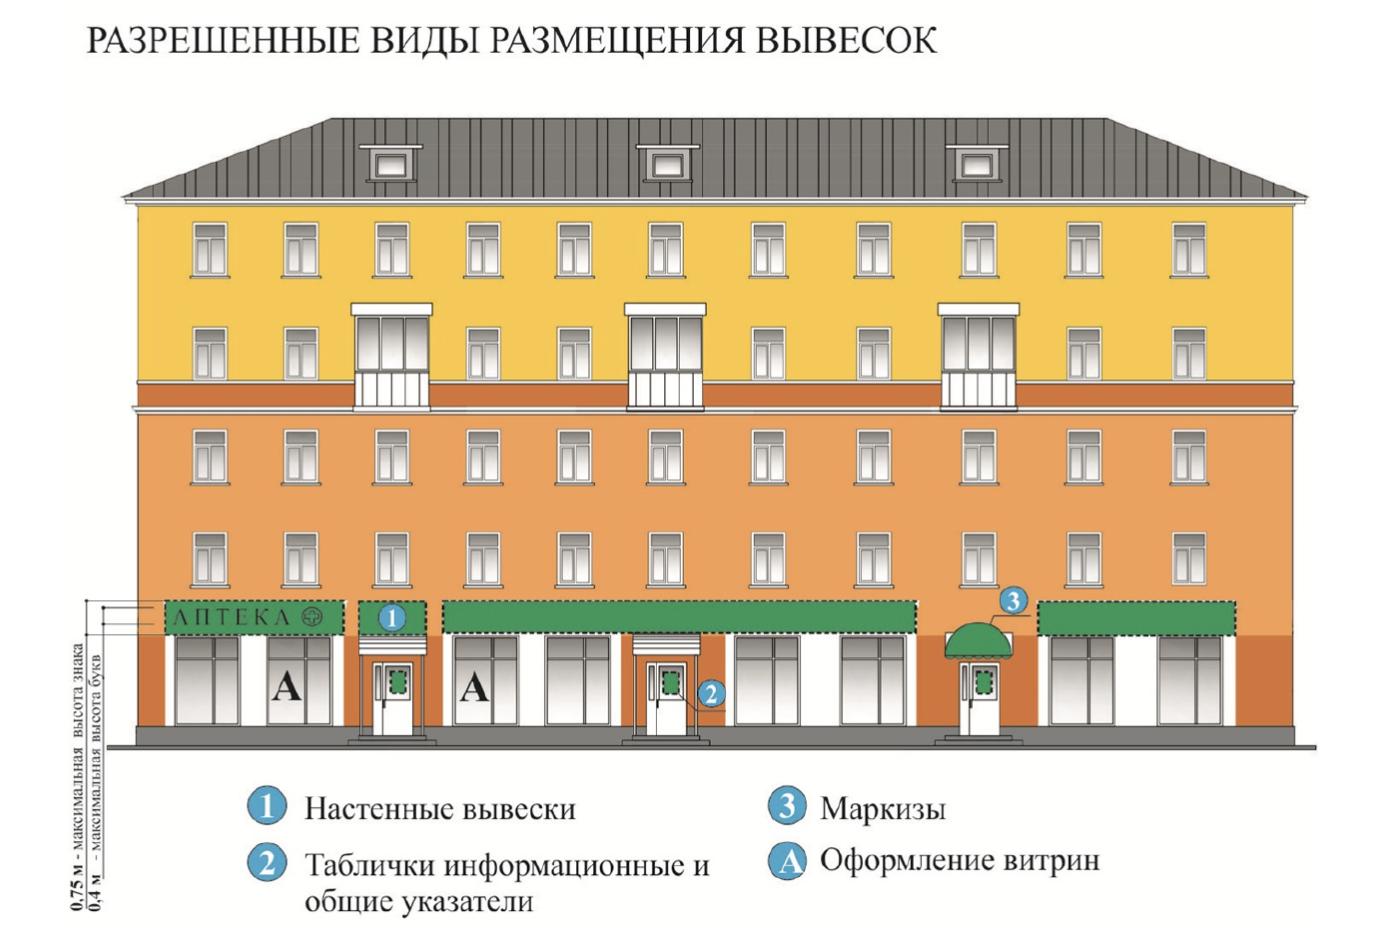 Депутаты утвердили новые правила благоустройства городских территорий